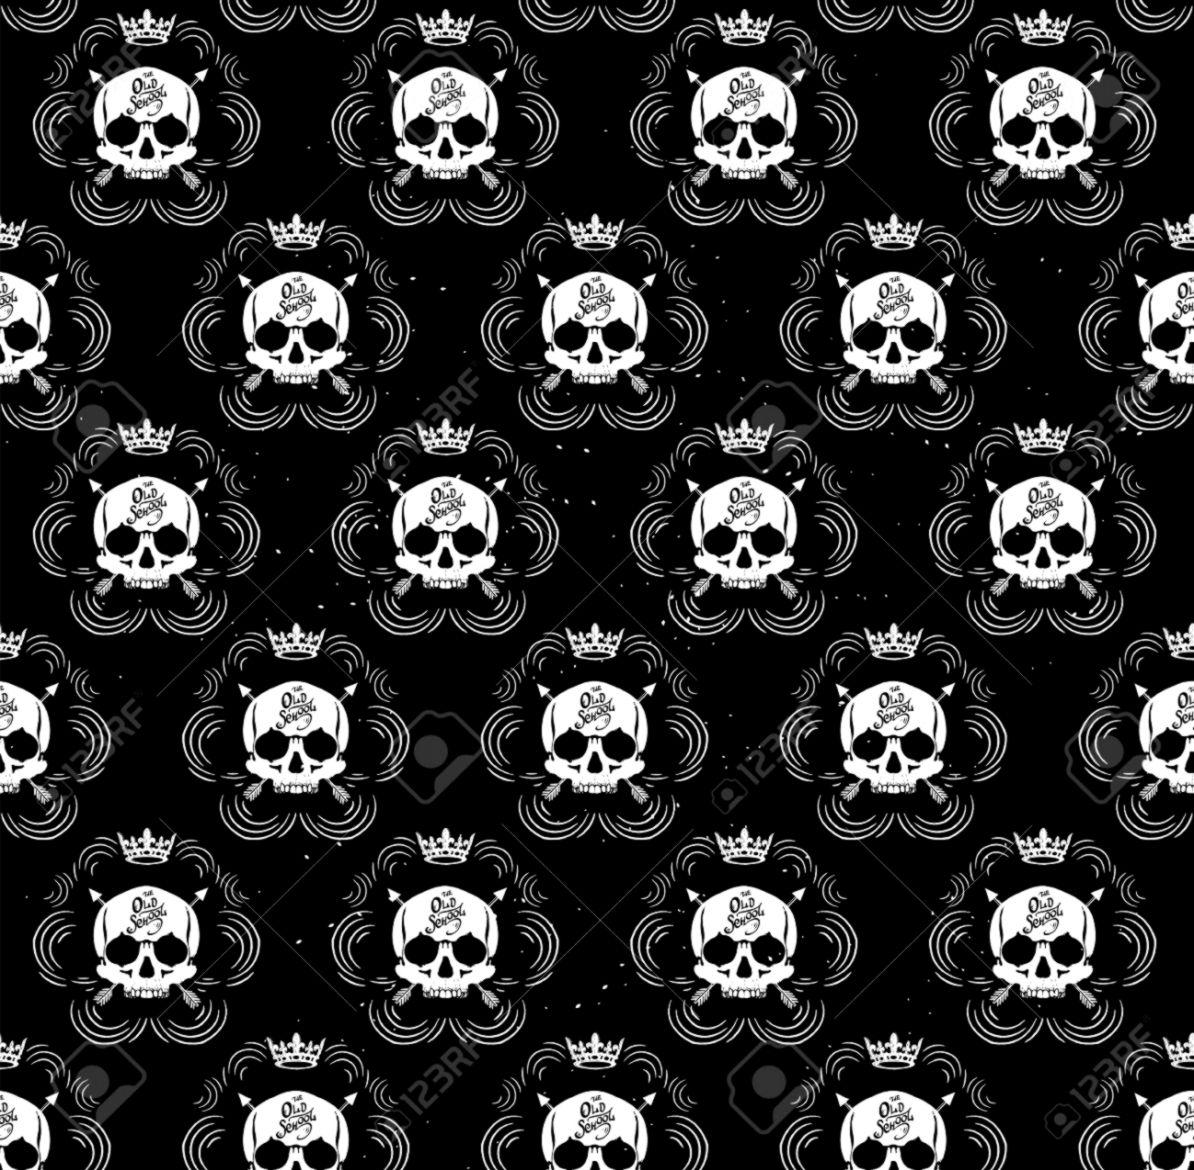 Free Skull Wallpaper Mobile Wallpapers